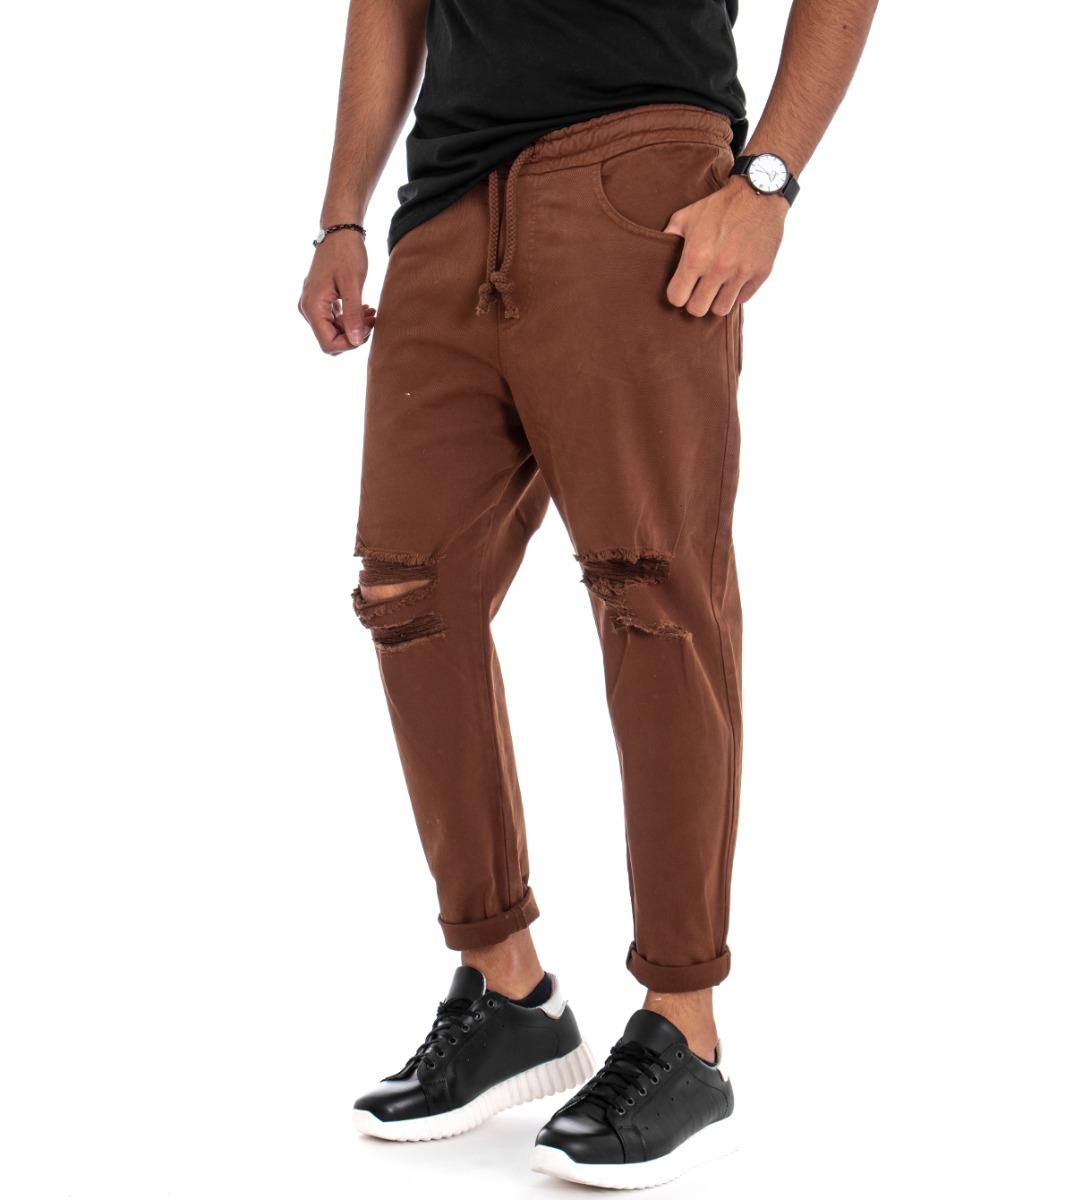 Attento Pantalone Uomo Elastico Rotture Strappato Cotone Tinta Unita Tabacco Giosal